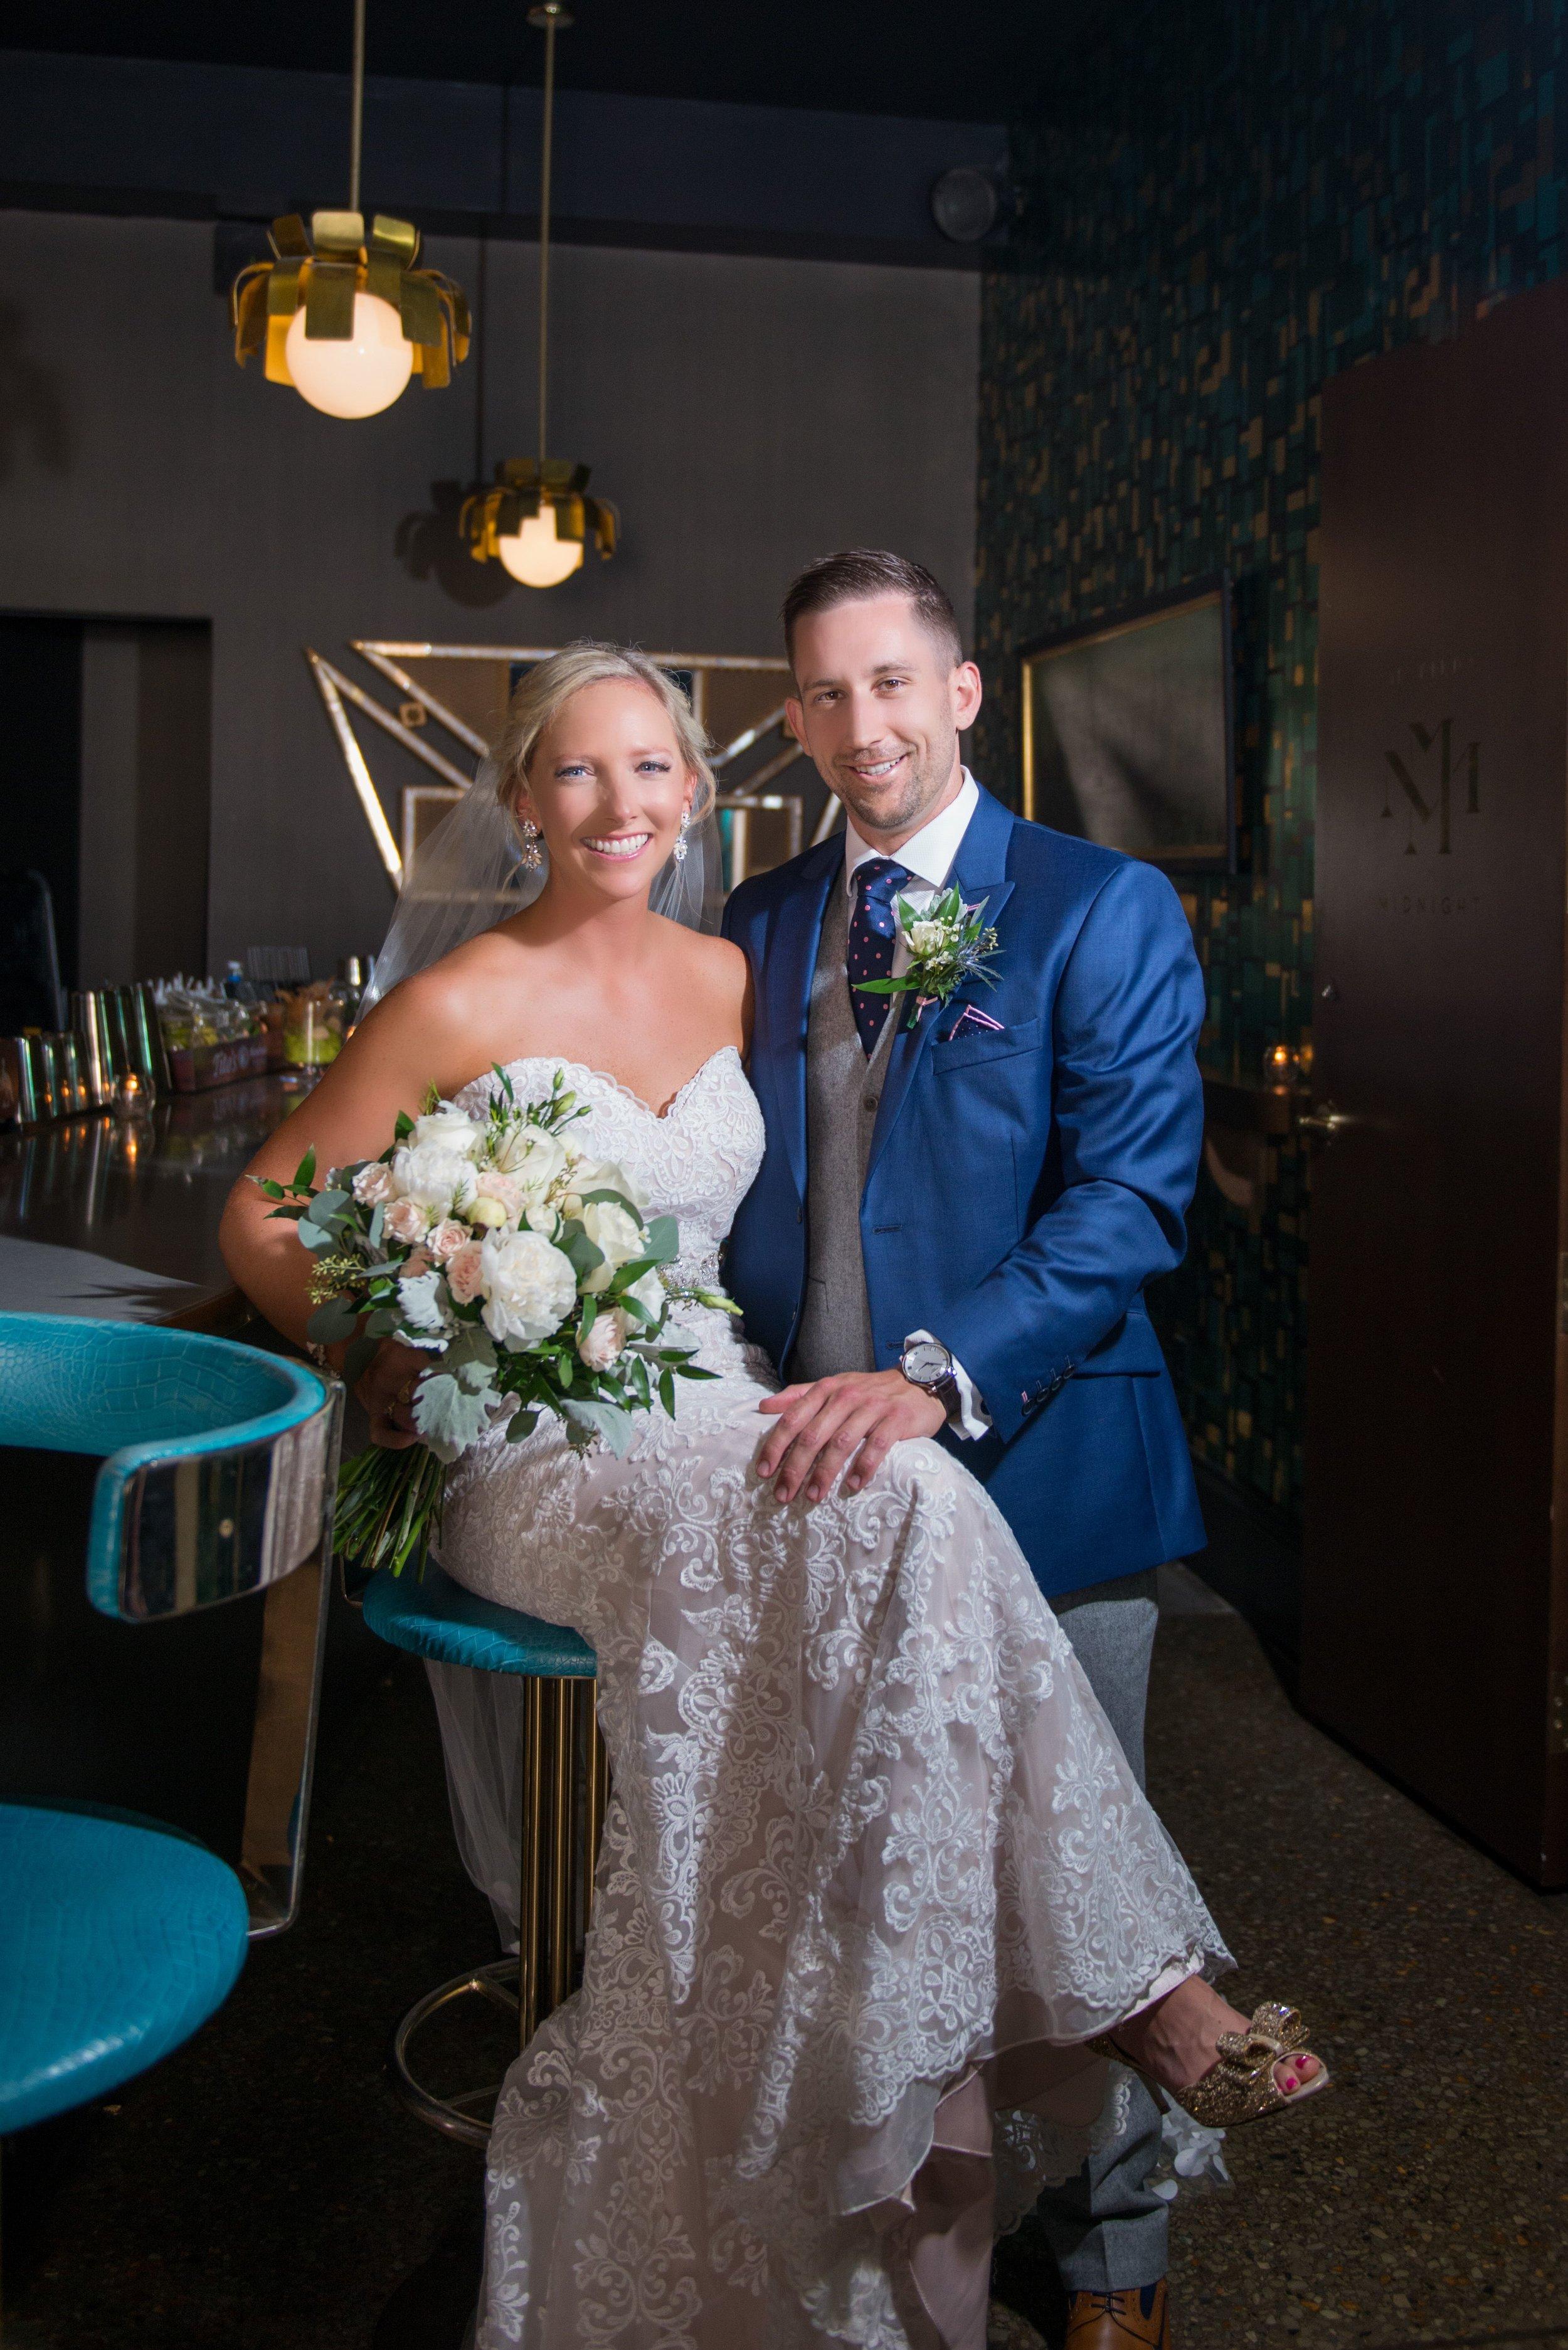 00009_Stover-WeddingSp-39.jpg